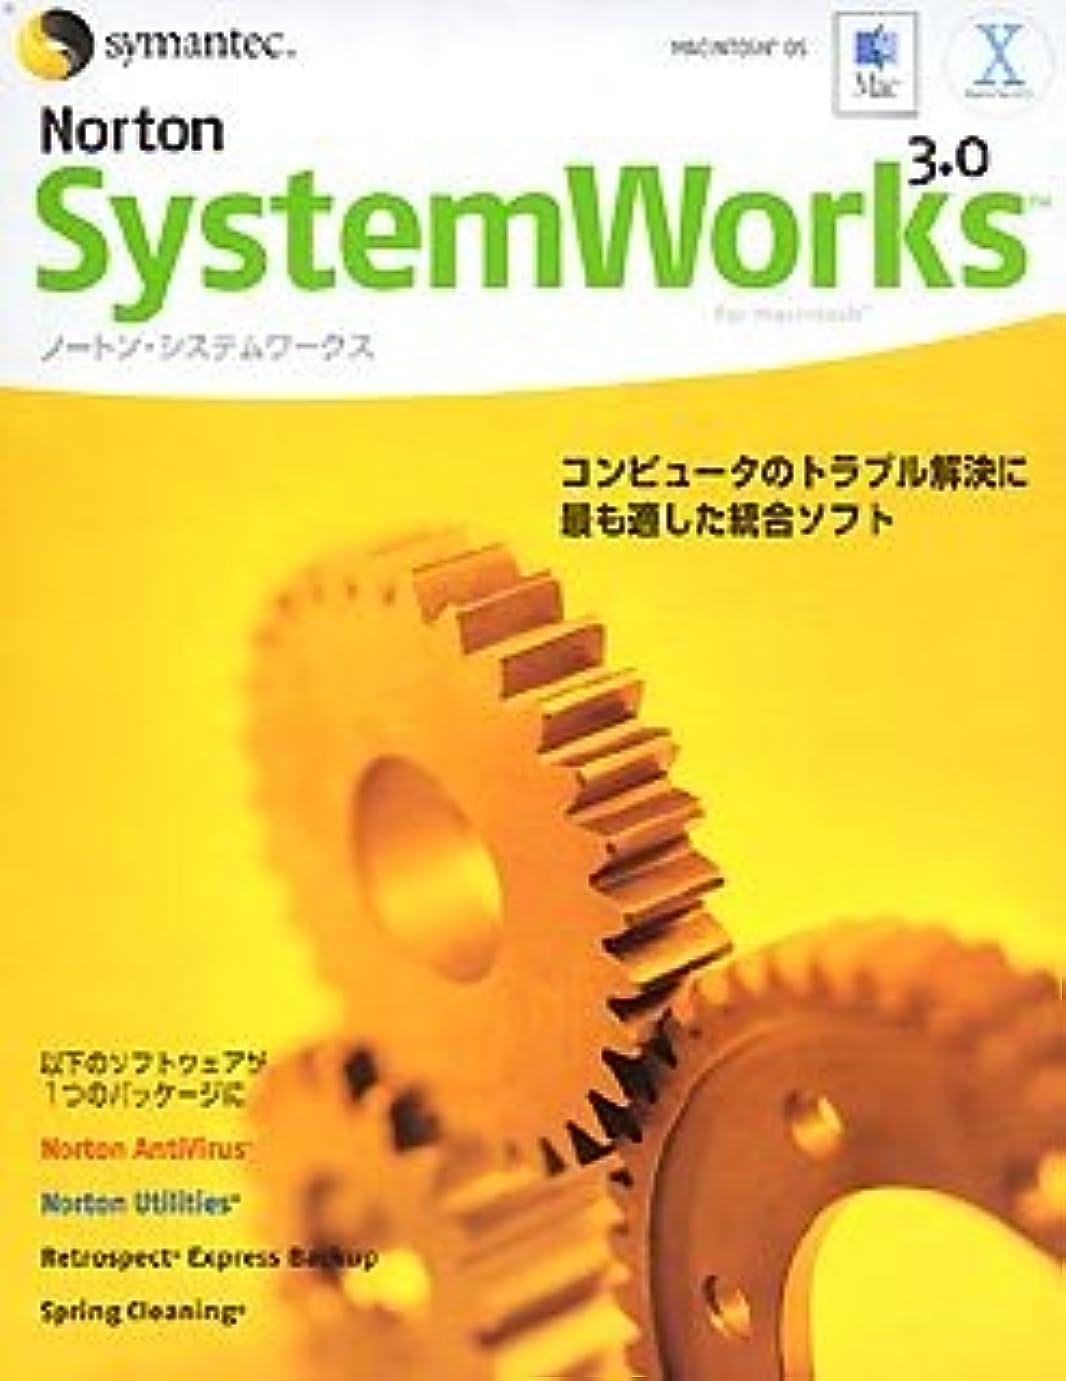 ホットエッセイもっともらしいノートン?システムワークス 3.0.1 for Macintosh